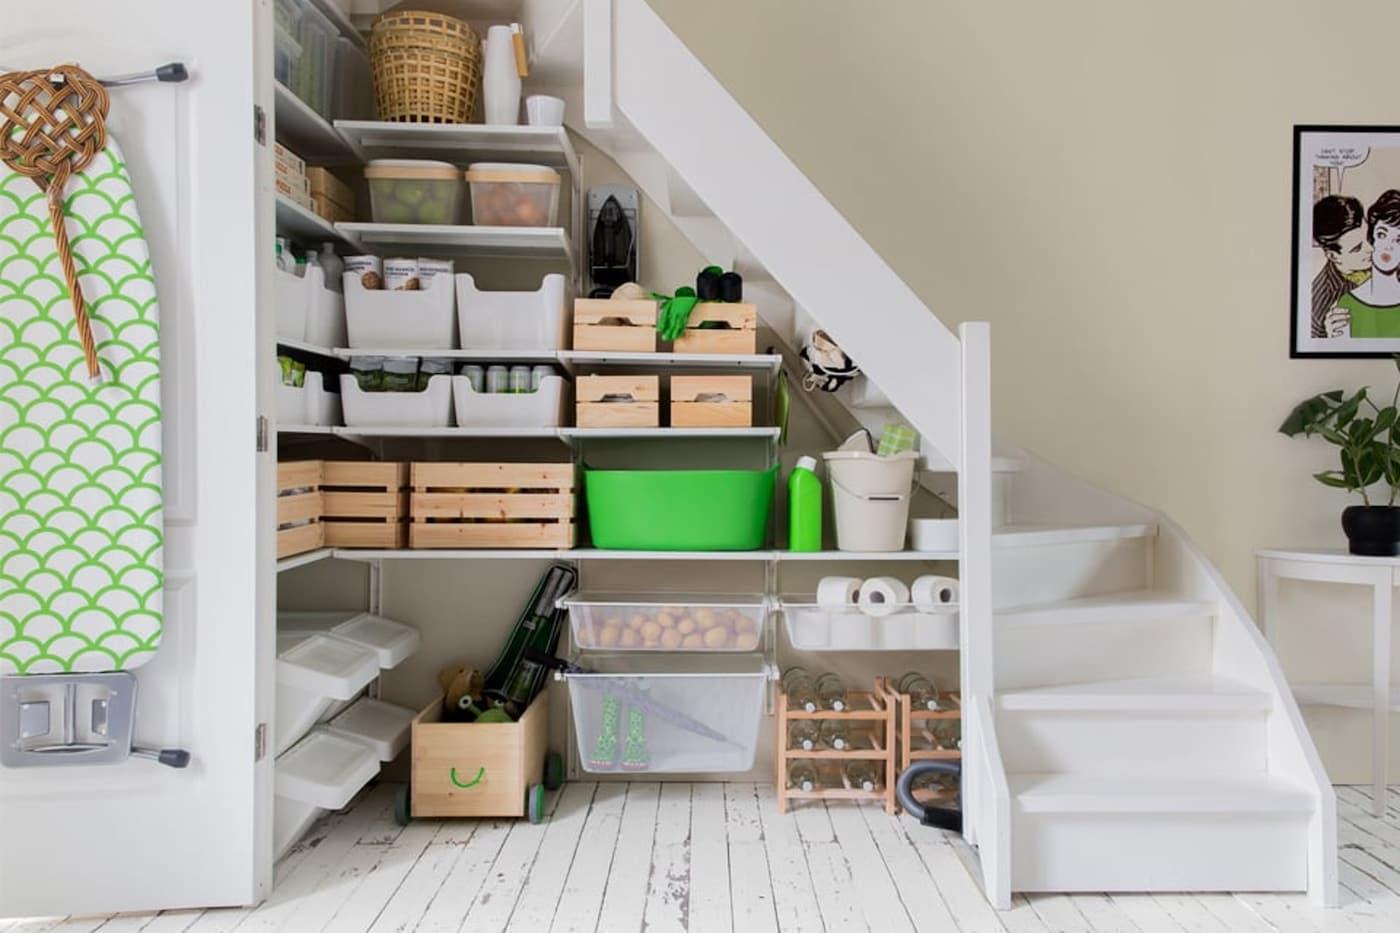 Trapkast ombouwen voorraadkast - tips - indeling - IKEA wooninspiratie